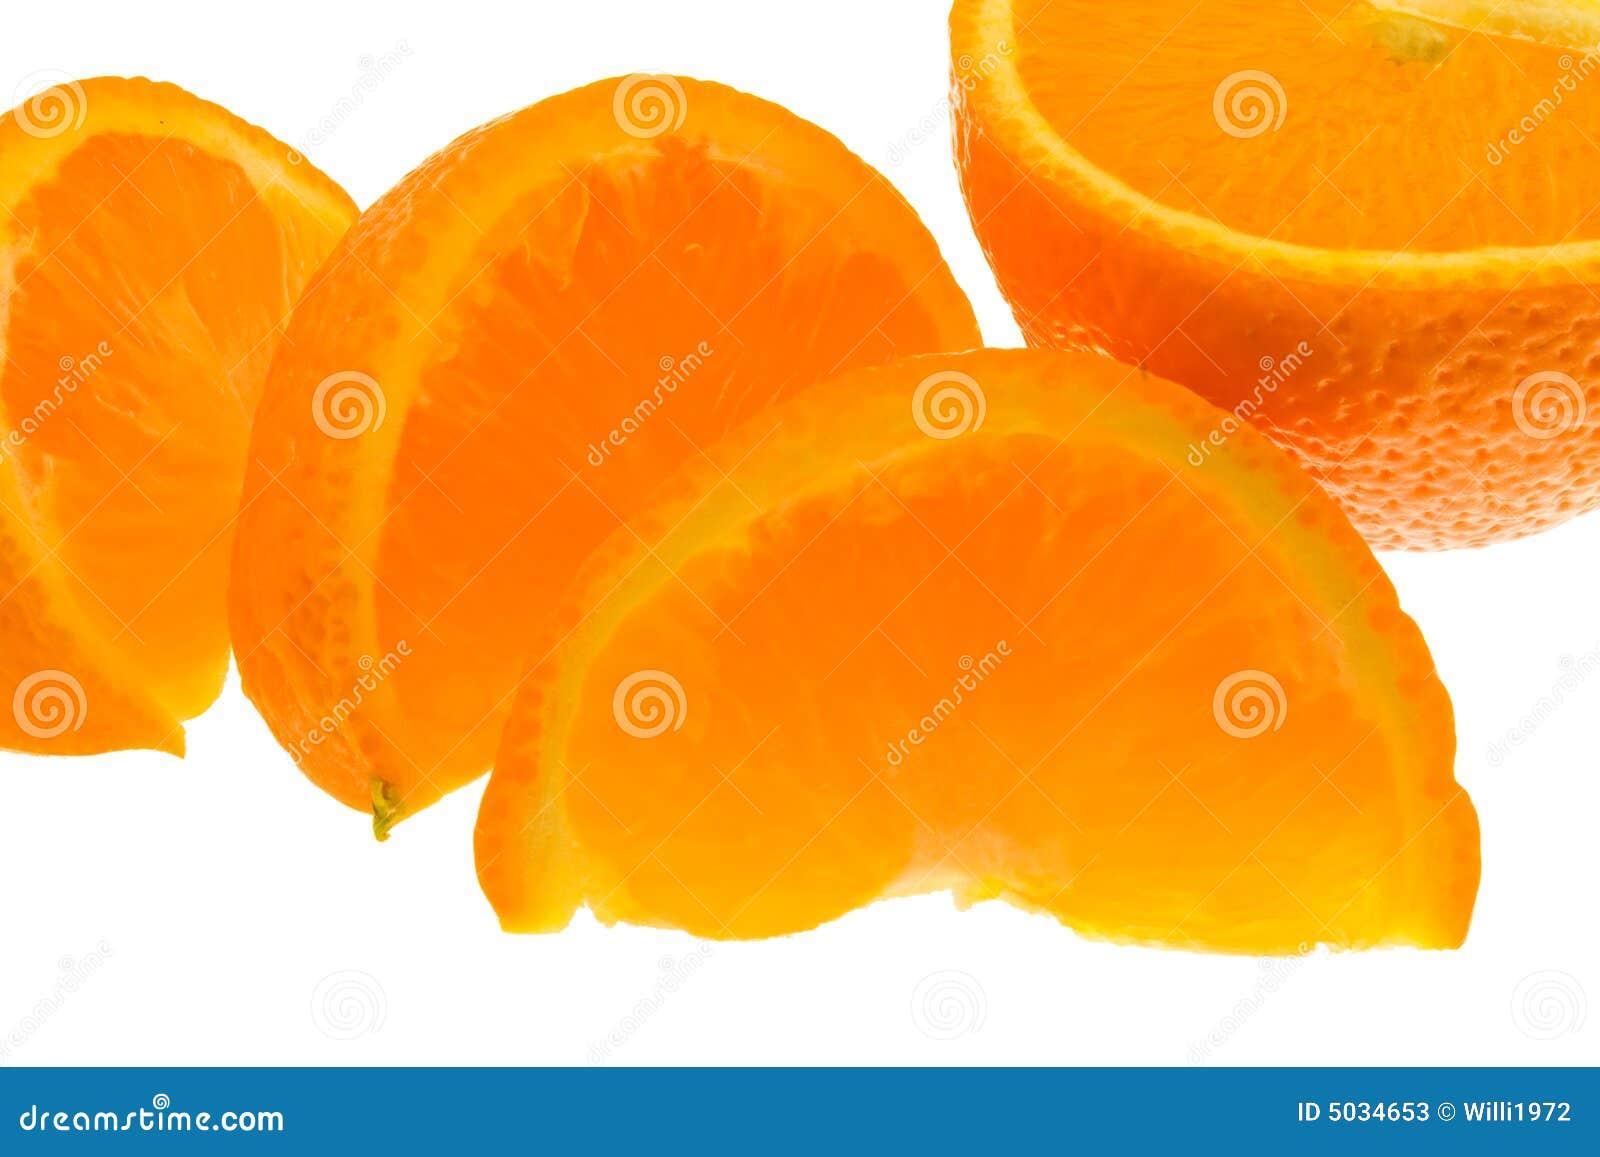 Orange Segmente